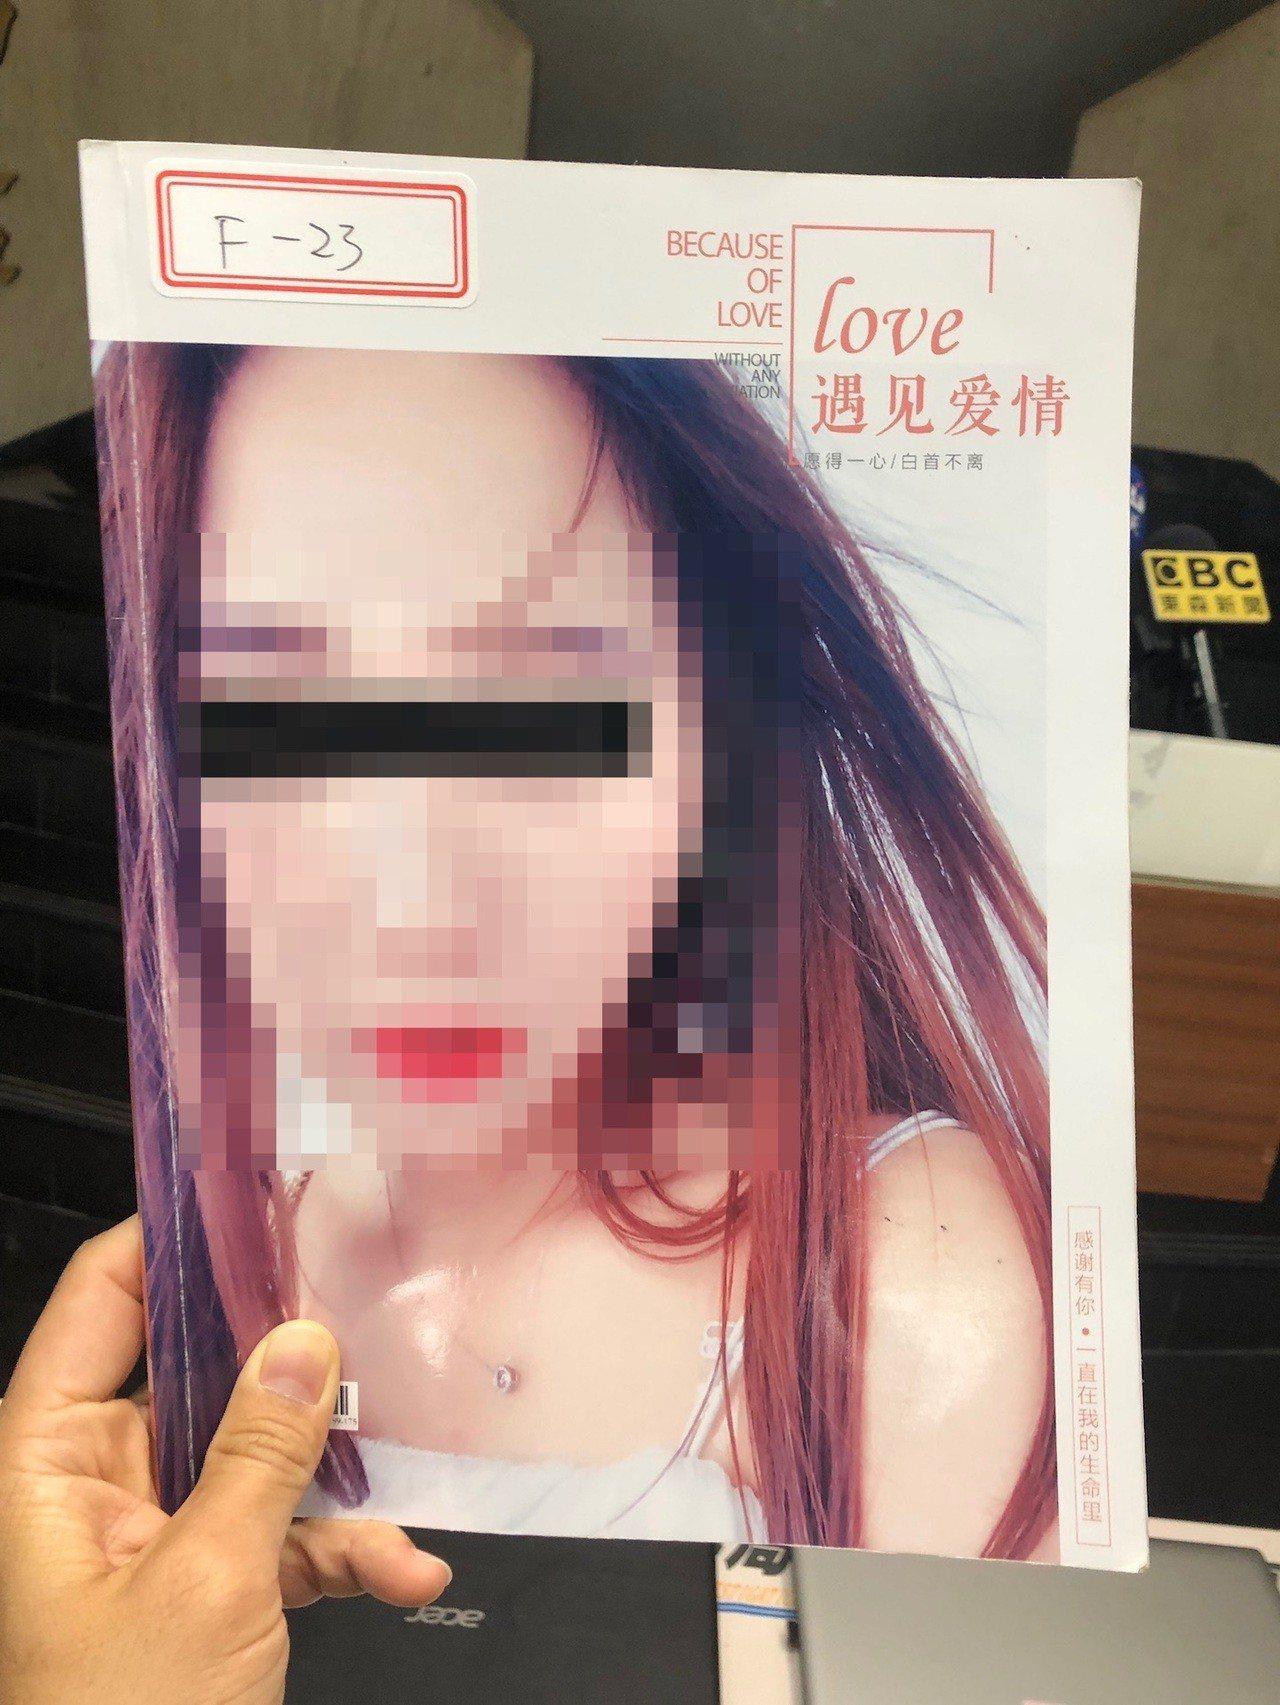 刑事局中打破獲以徐姓男子為首的愛情詐騙集團,查緝時發現有被害女子把與嫌犯的對話,...